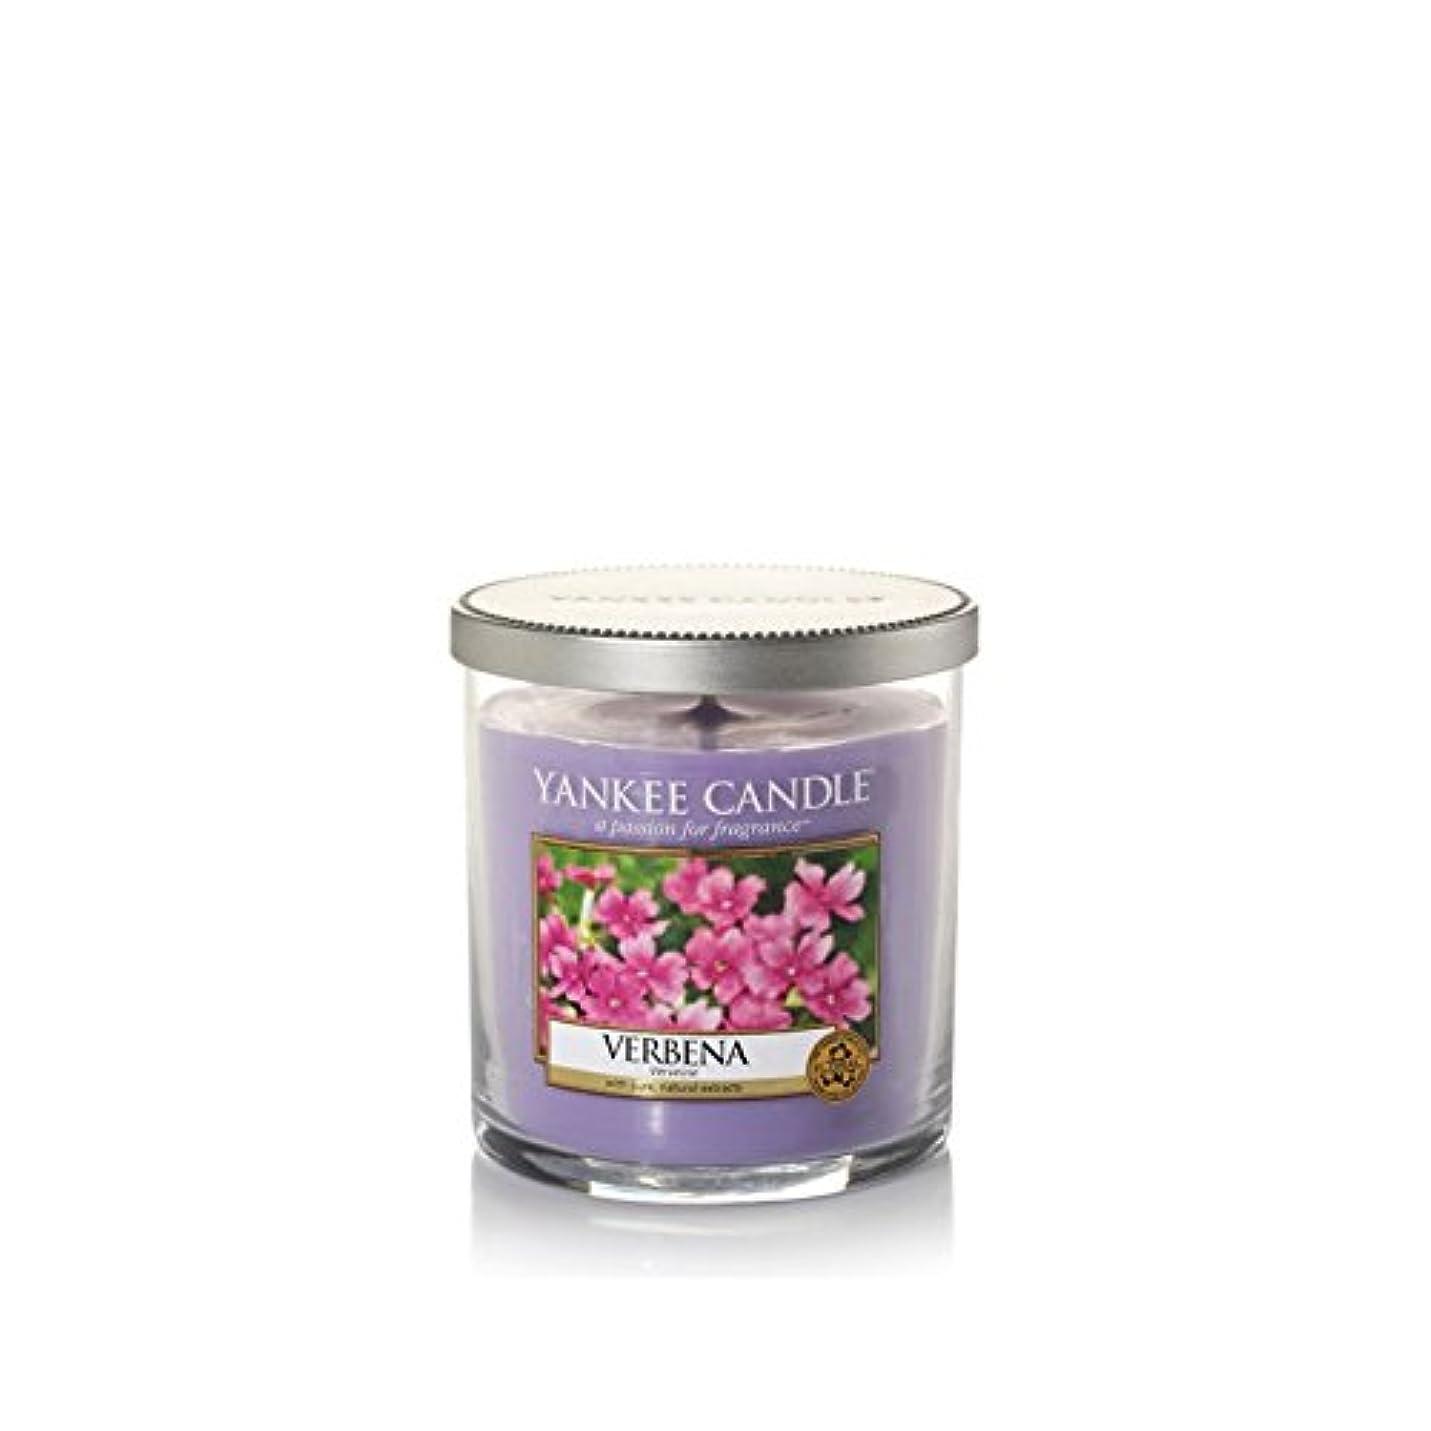 違反する材料節約Yankee Candles Small Pillar Candle - Verbena (Pack of 6) - ヤンキーキャンドルの小さな柱キャンドル - バーベナ (x6) [並行輸入品]